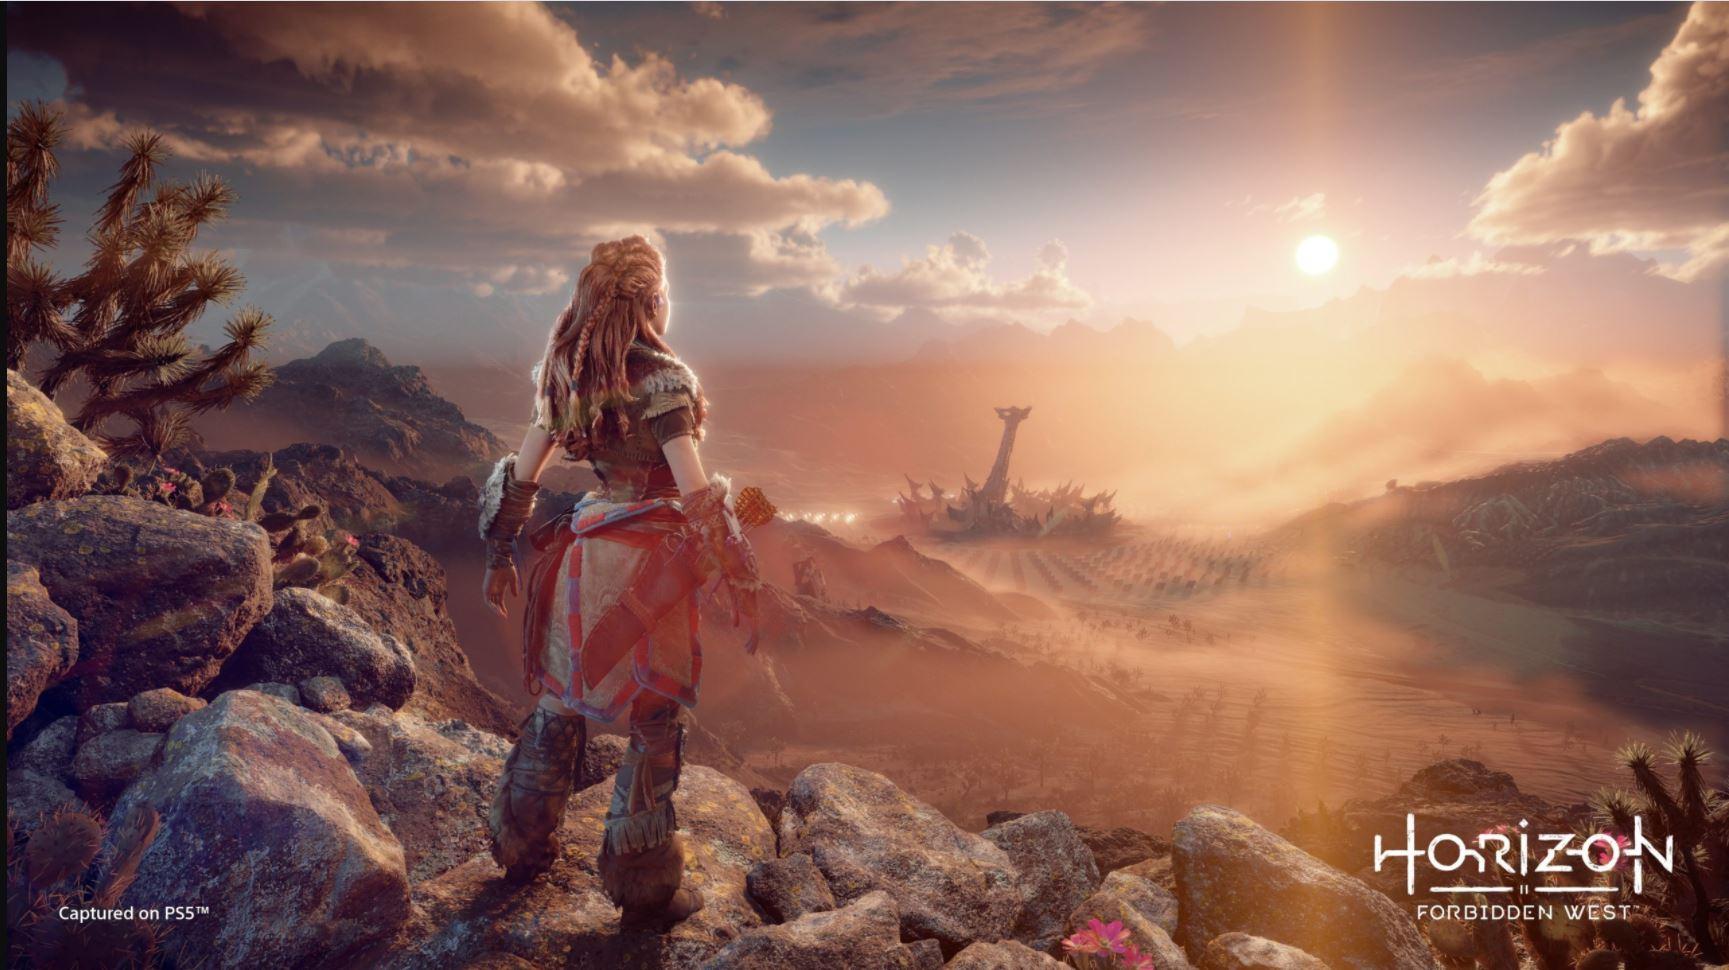 تریلر گیم پلی جدیدی از بازی Horizon Forbidden West منتشر شد